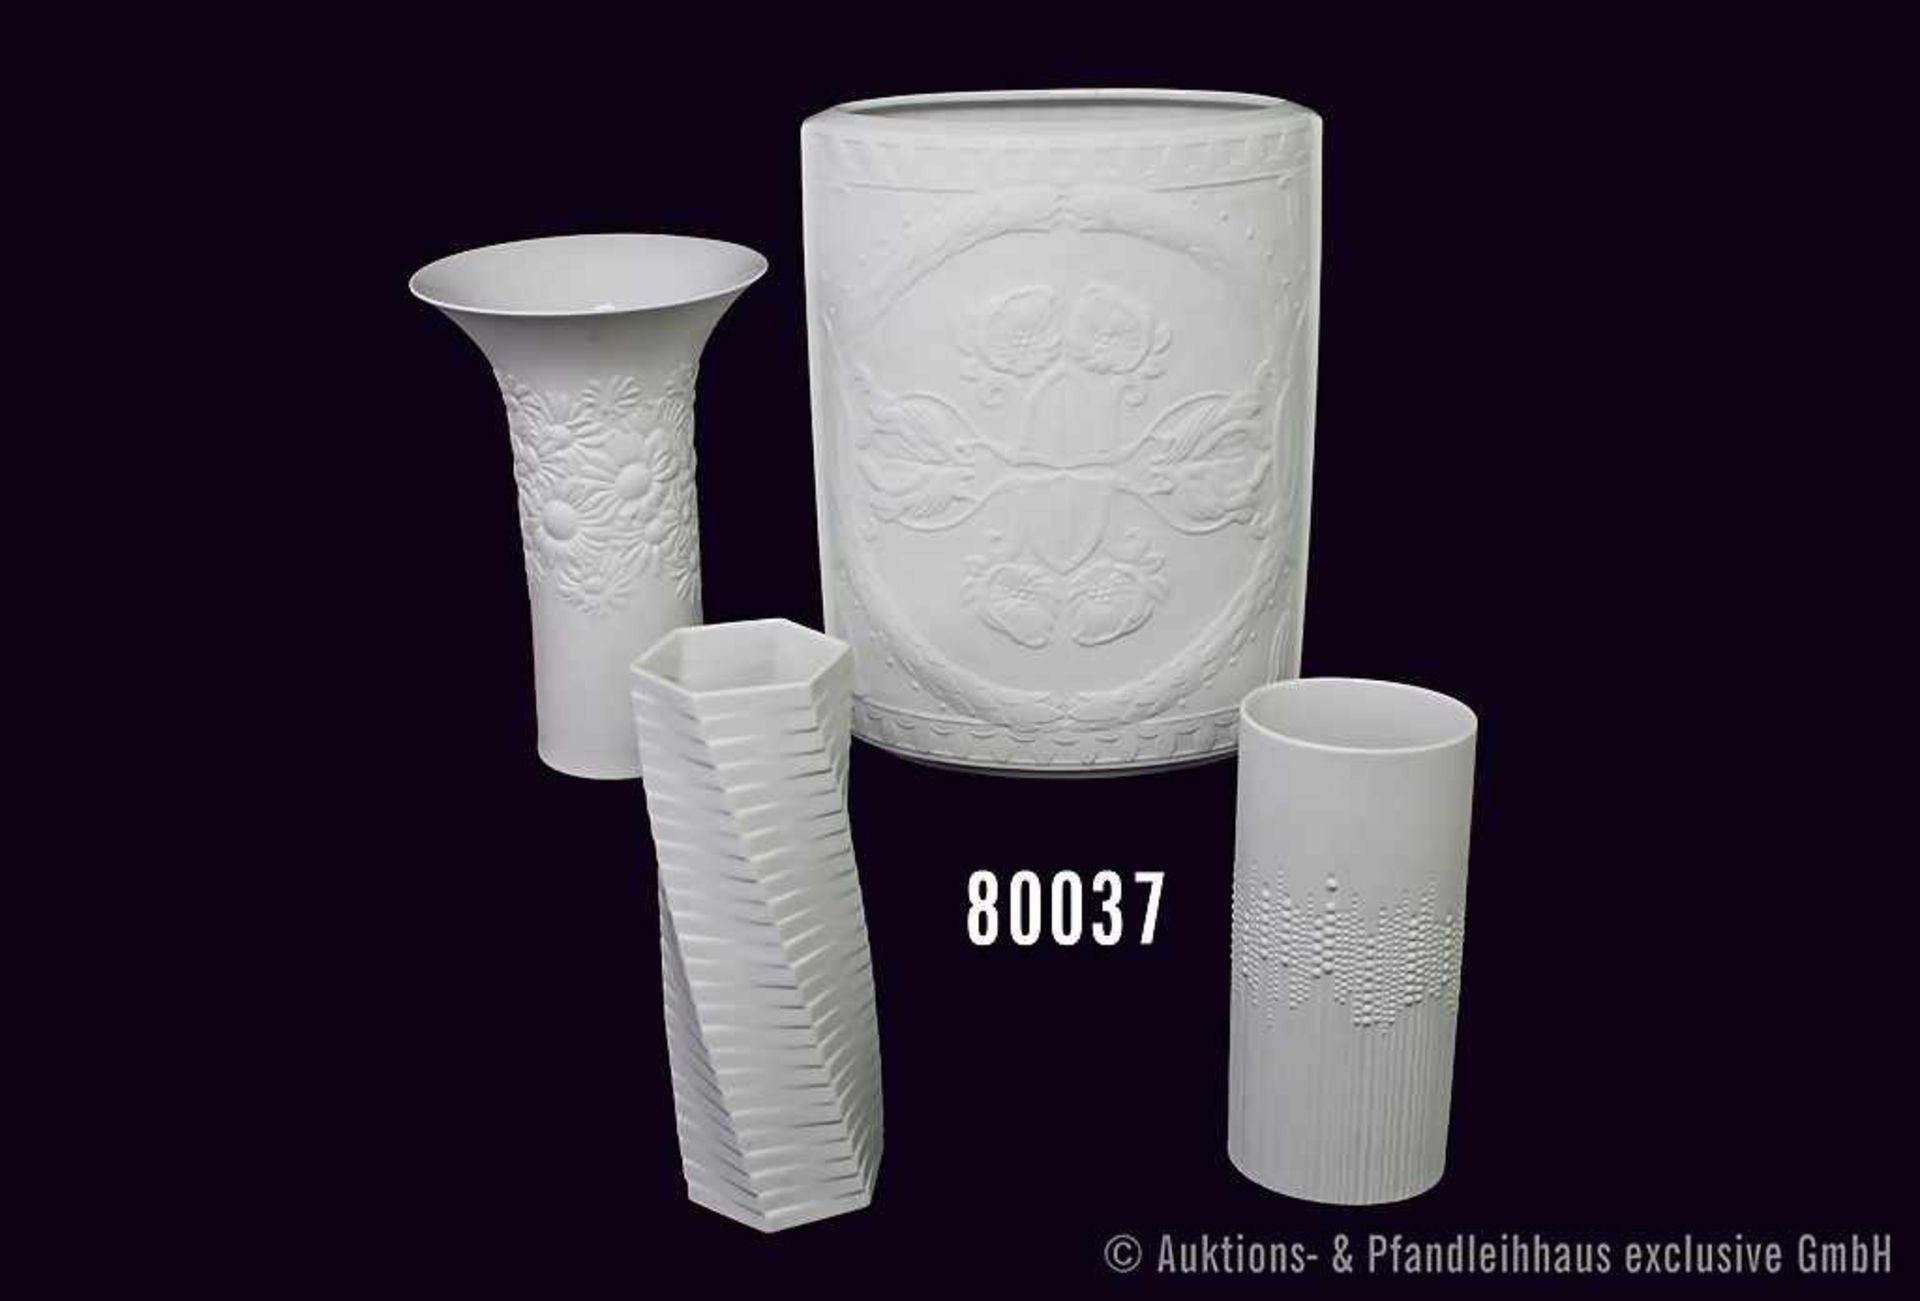 Konv. 4 Rosenthal Porzellan Vasen, weiß, dabei studio-linie, Entwurf Ernst Fuchs, Nr. 4079/27,